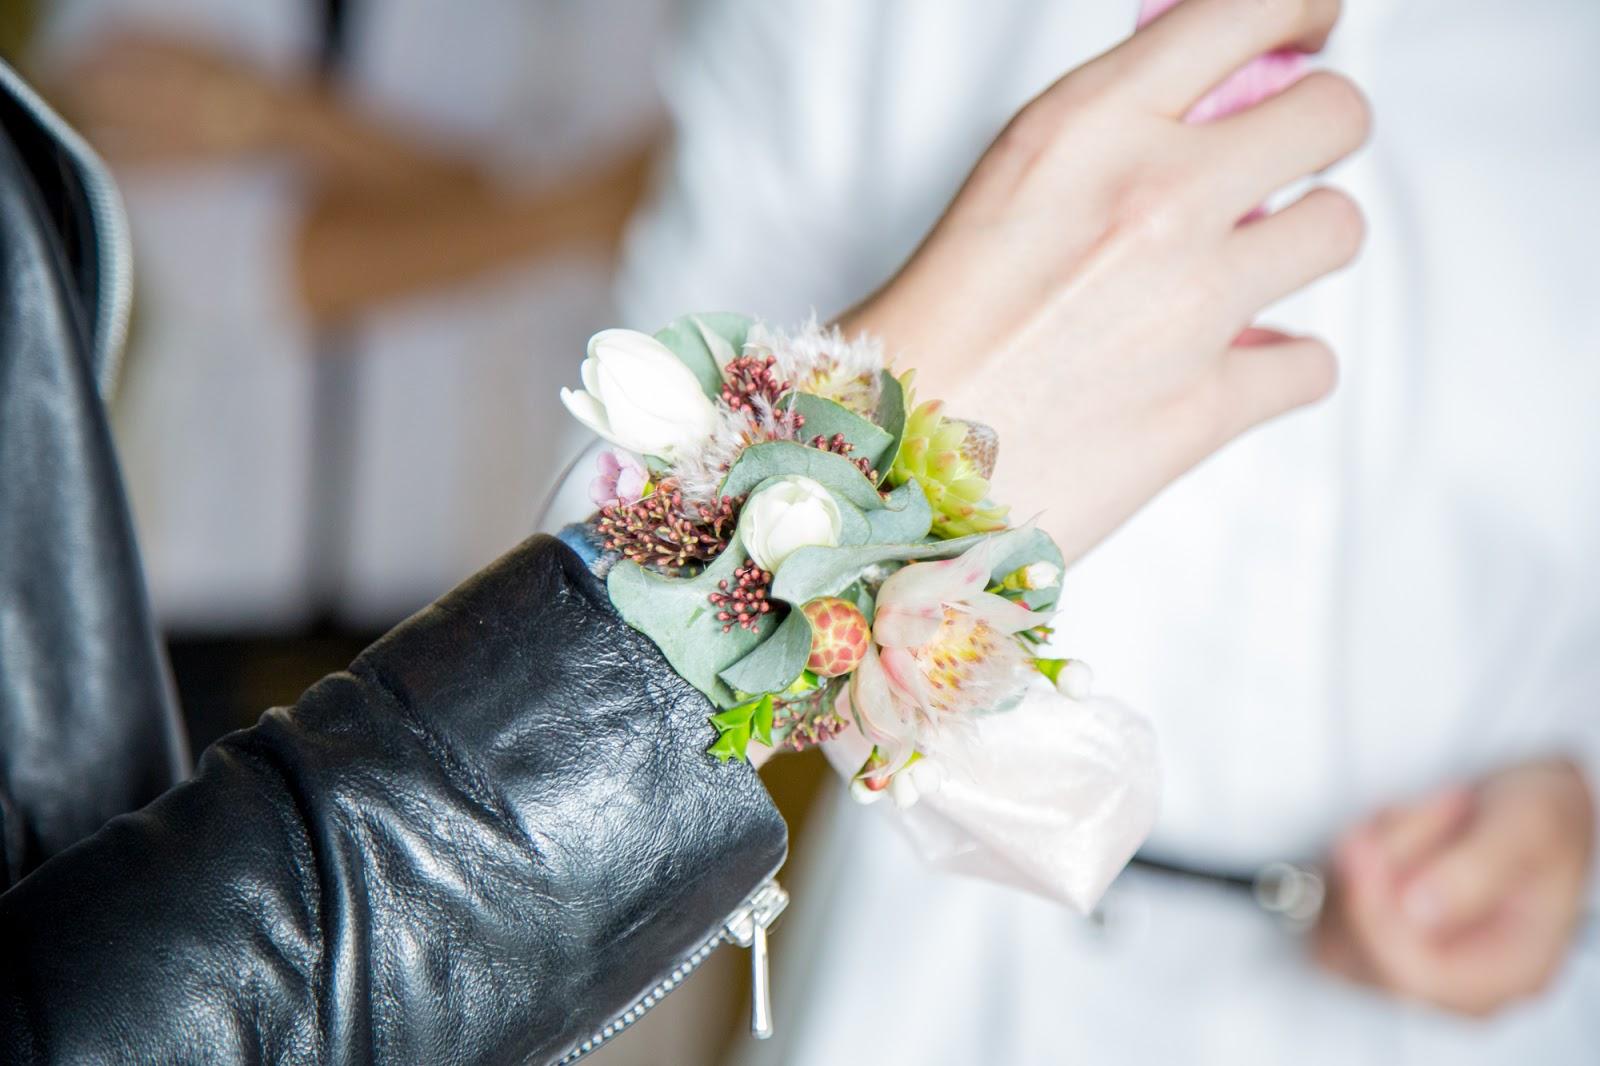 браслет на руку из живых цветов